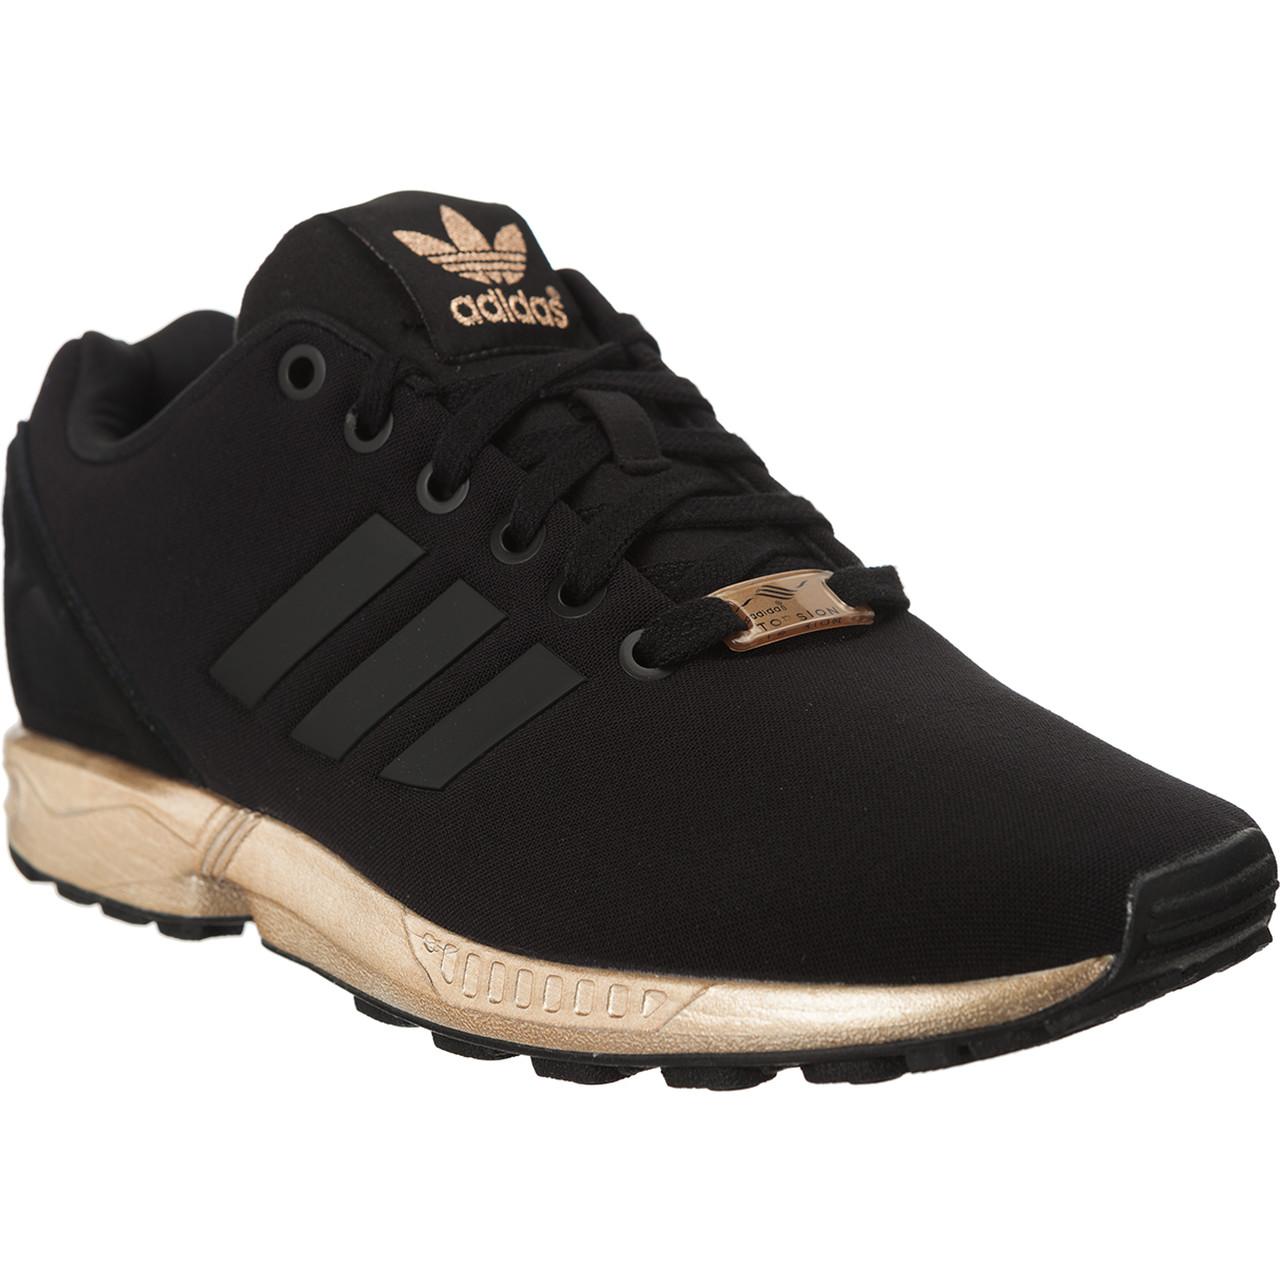 buty damskie adidas zx flux s78977 złote